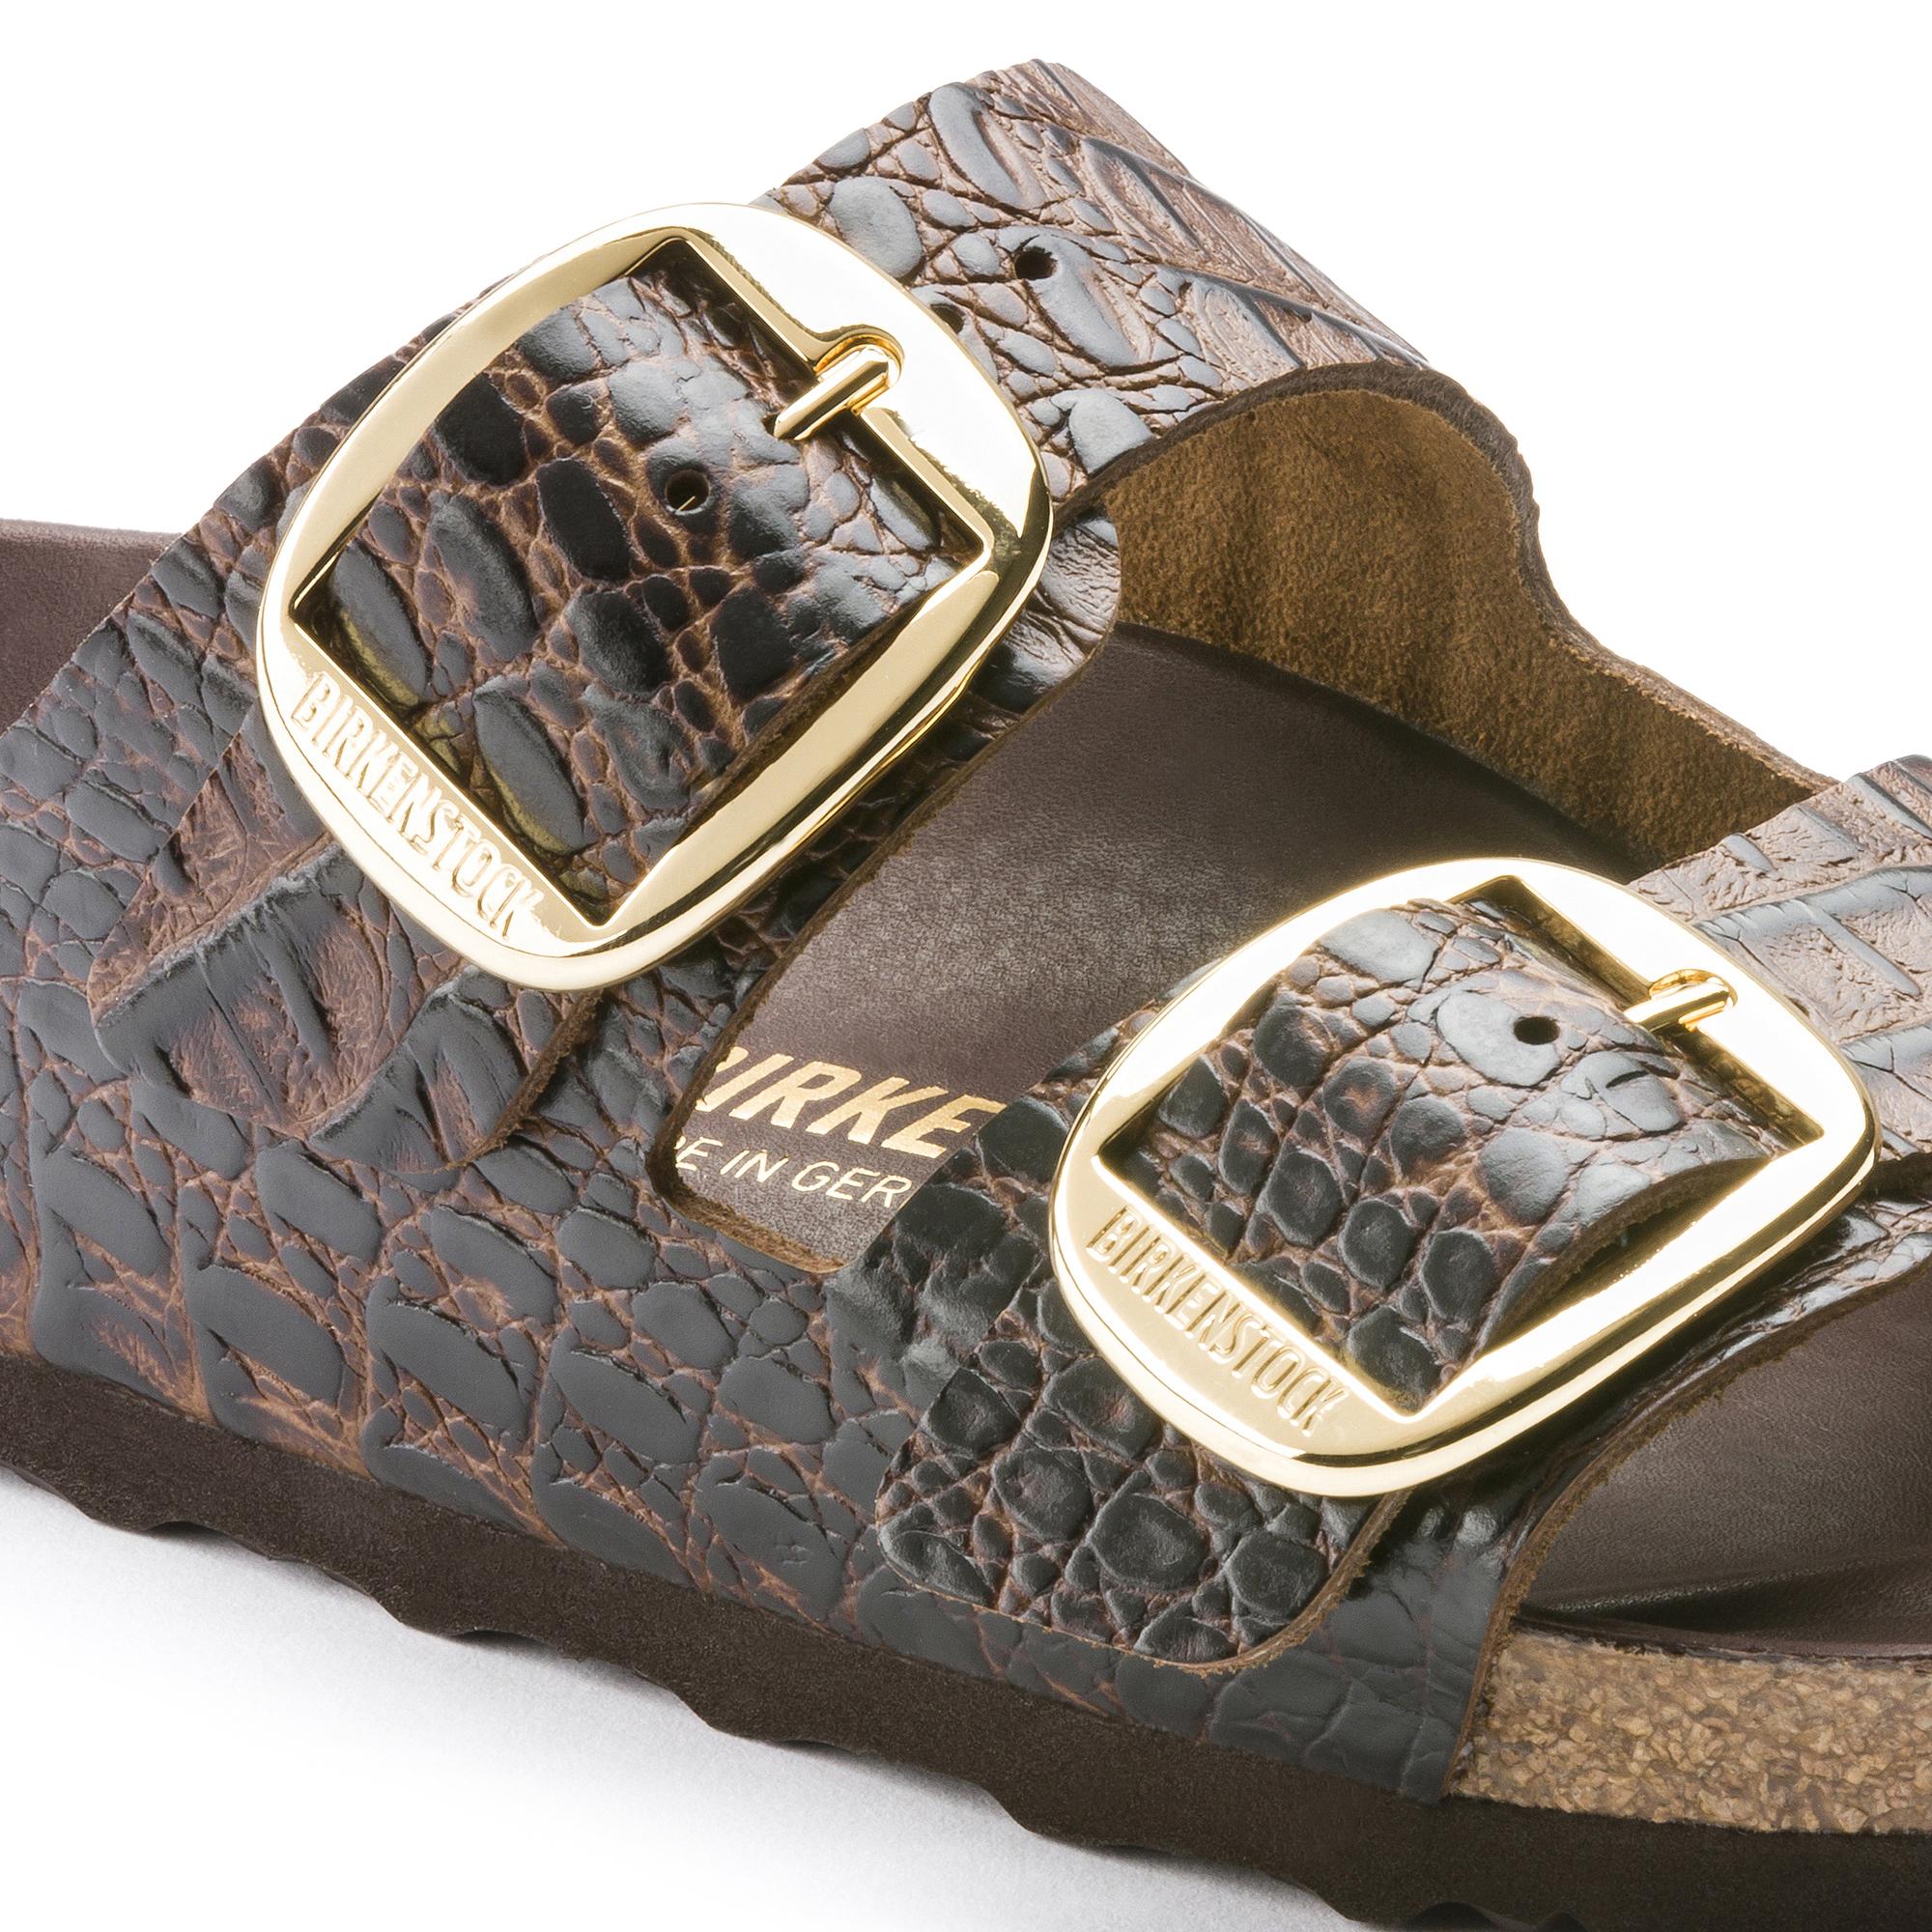 37d52458fb33 ... Arizona Embossed Natural Leather Gator Brown